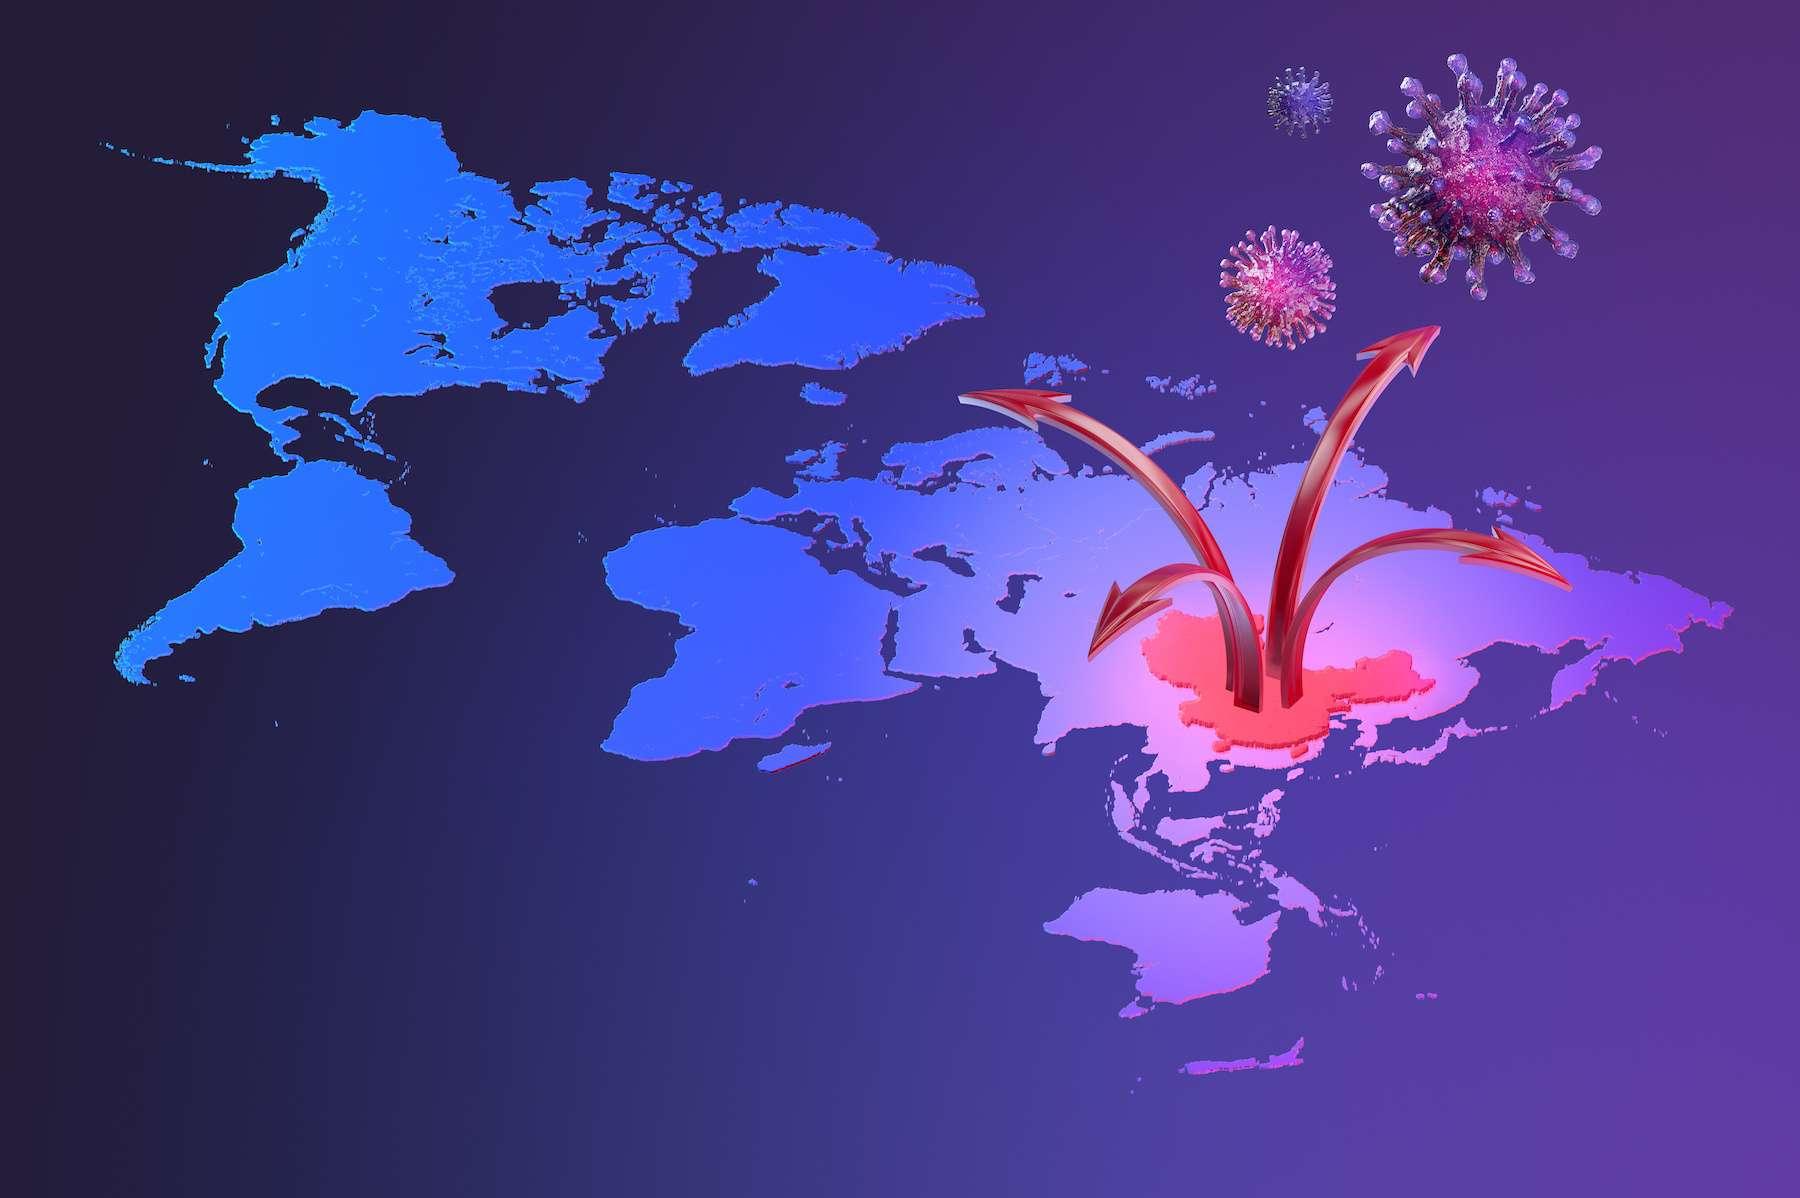 L'épidémie de coronavirus aurait démarré à Wuhan dès le mois de septembre 2019. © Corona Borealis, Adobe Stock